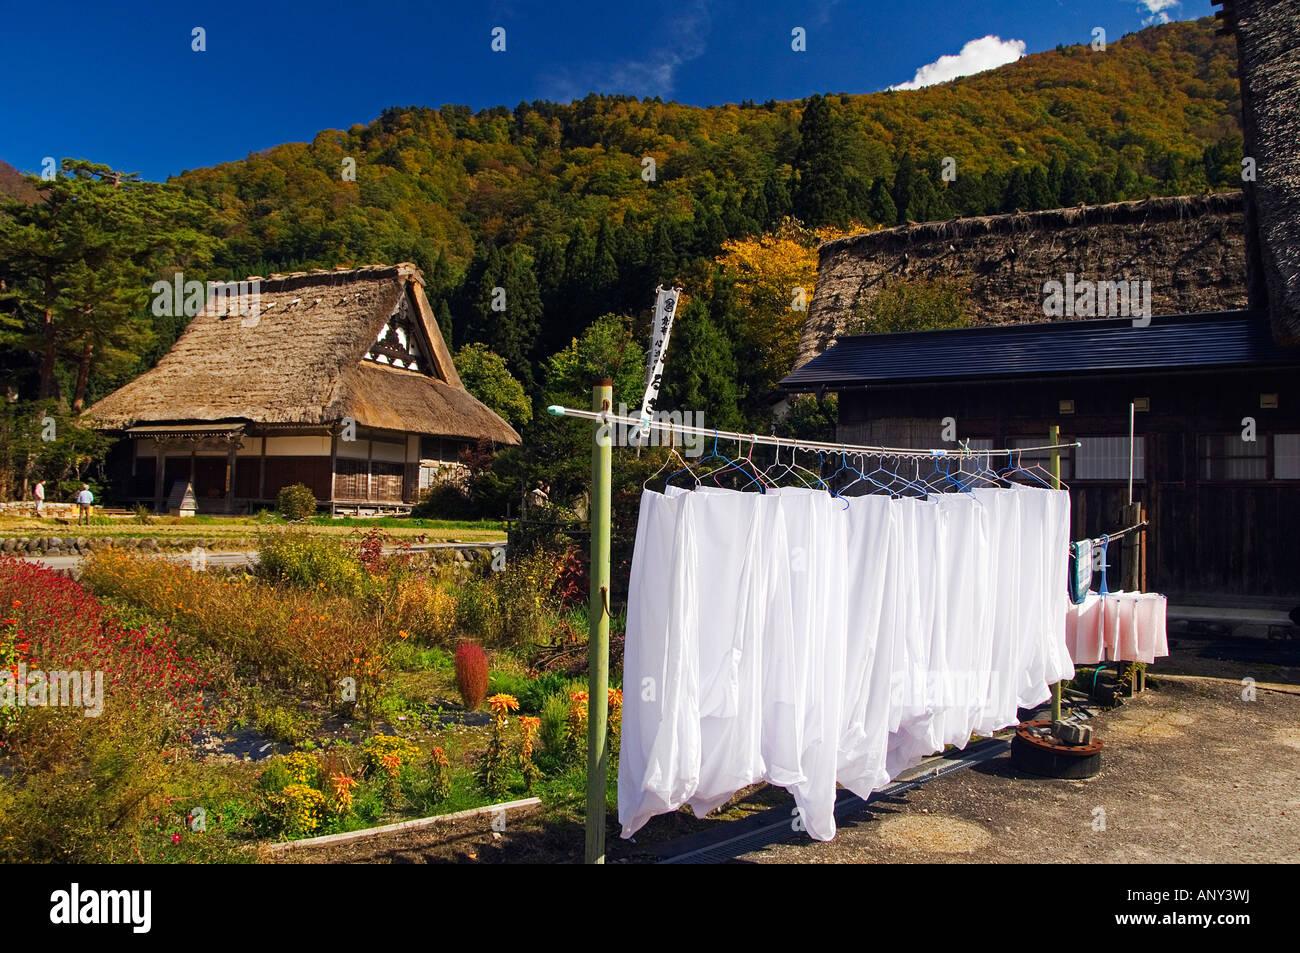 Japan, Honshu Island, Gifu Prefecture, Shirakawa-go. A Unesco World Heritage Site of 'Gassho Zukkuri'. - Stock Image